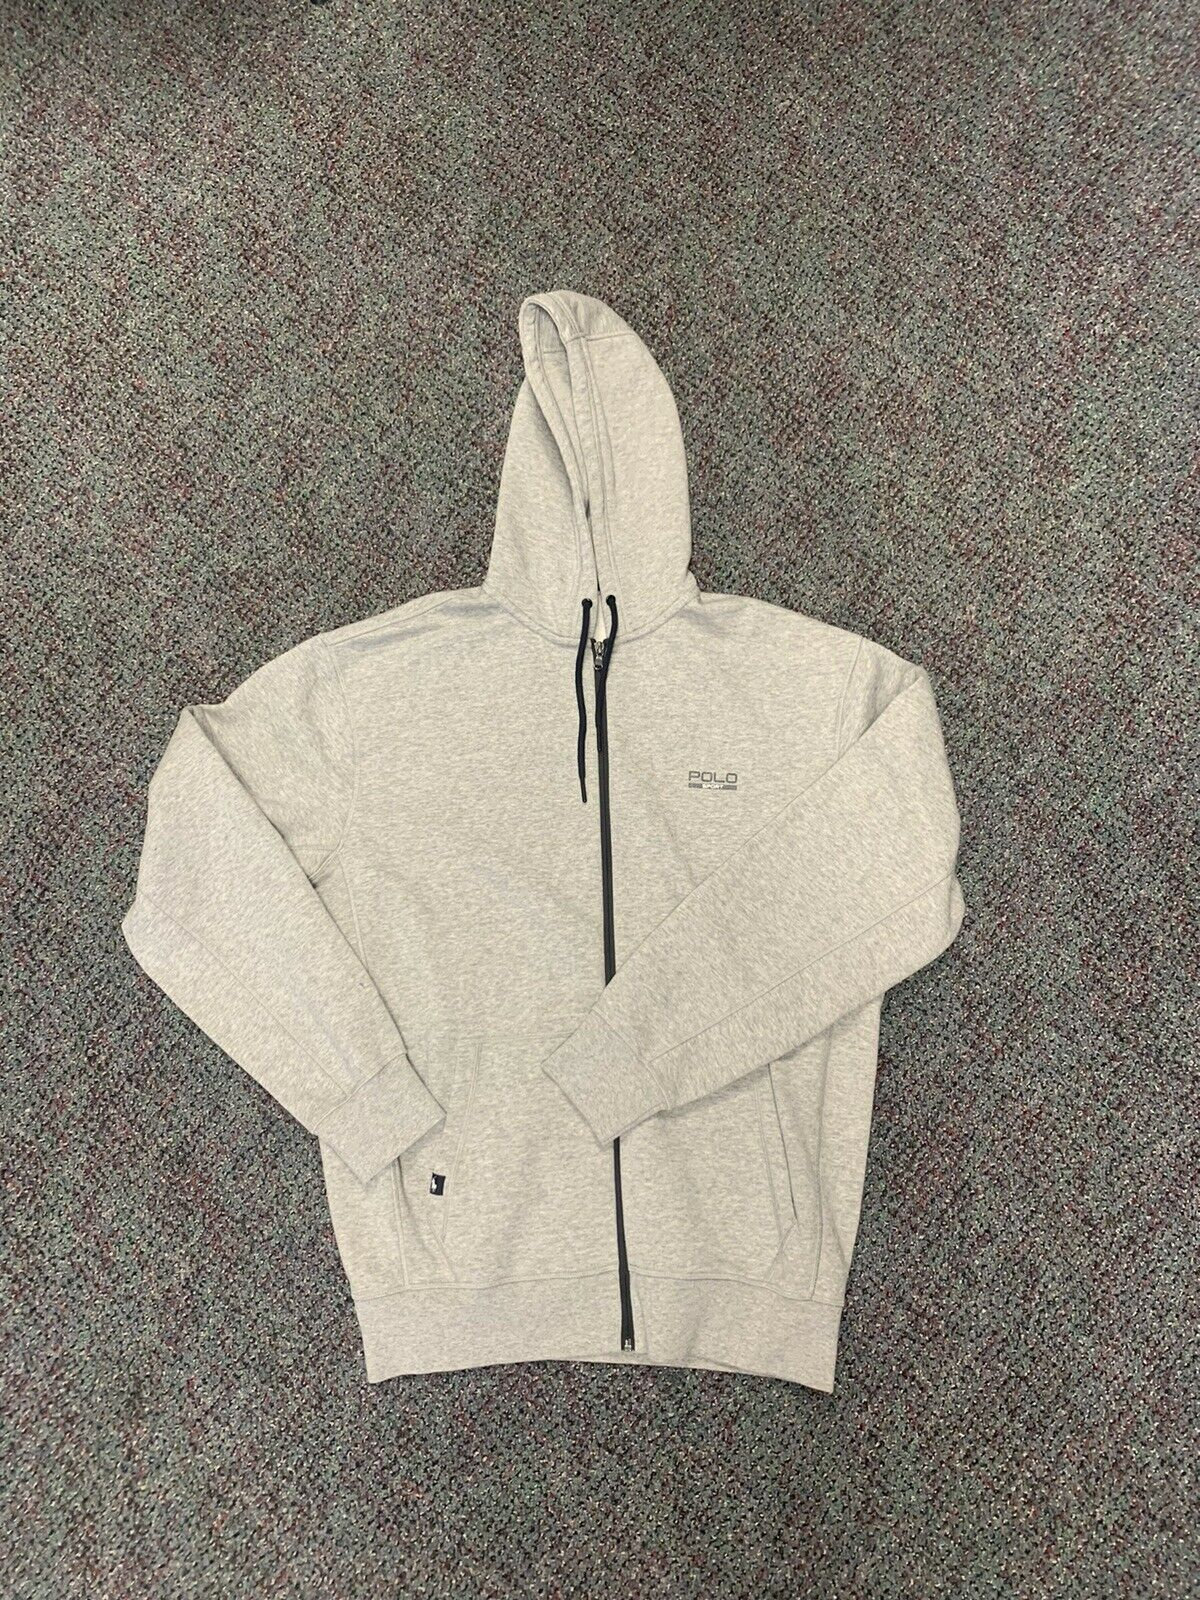 Ralph Lauren Polo Sport Zip Up Hooide LT Grey Vin… - image 1